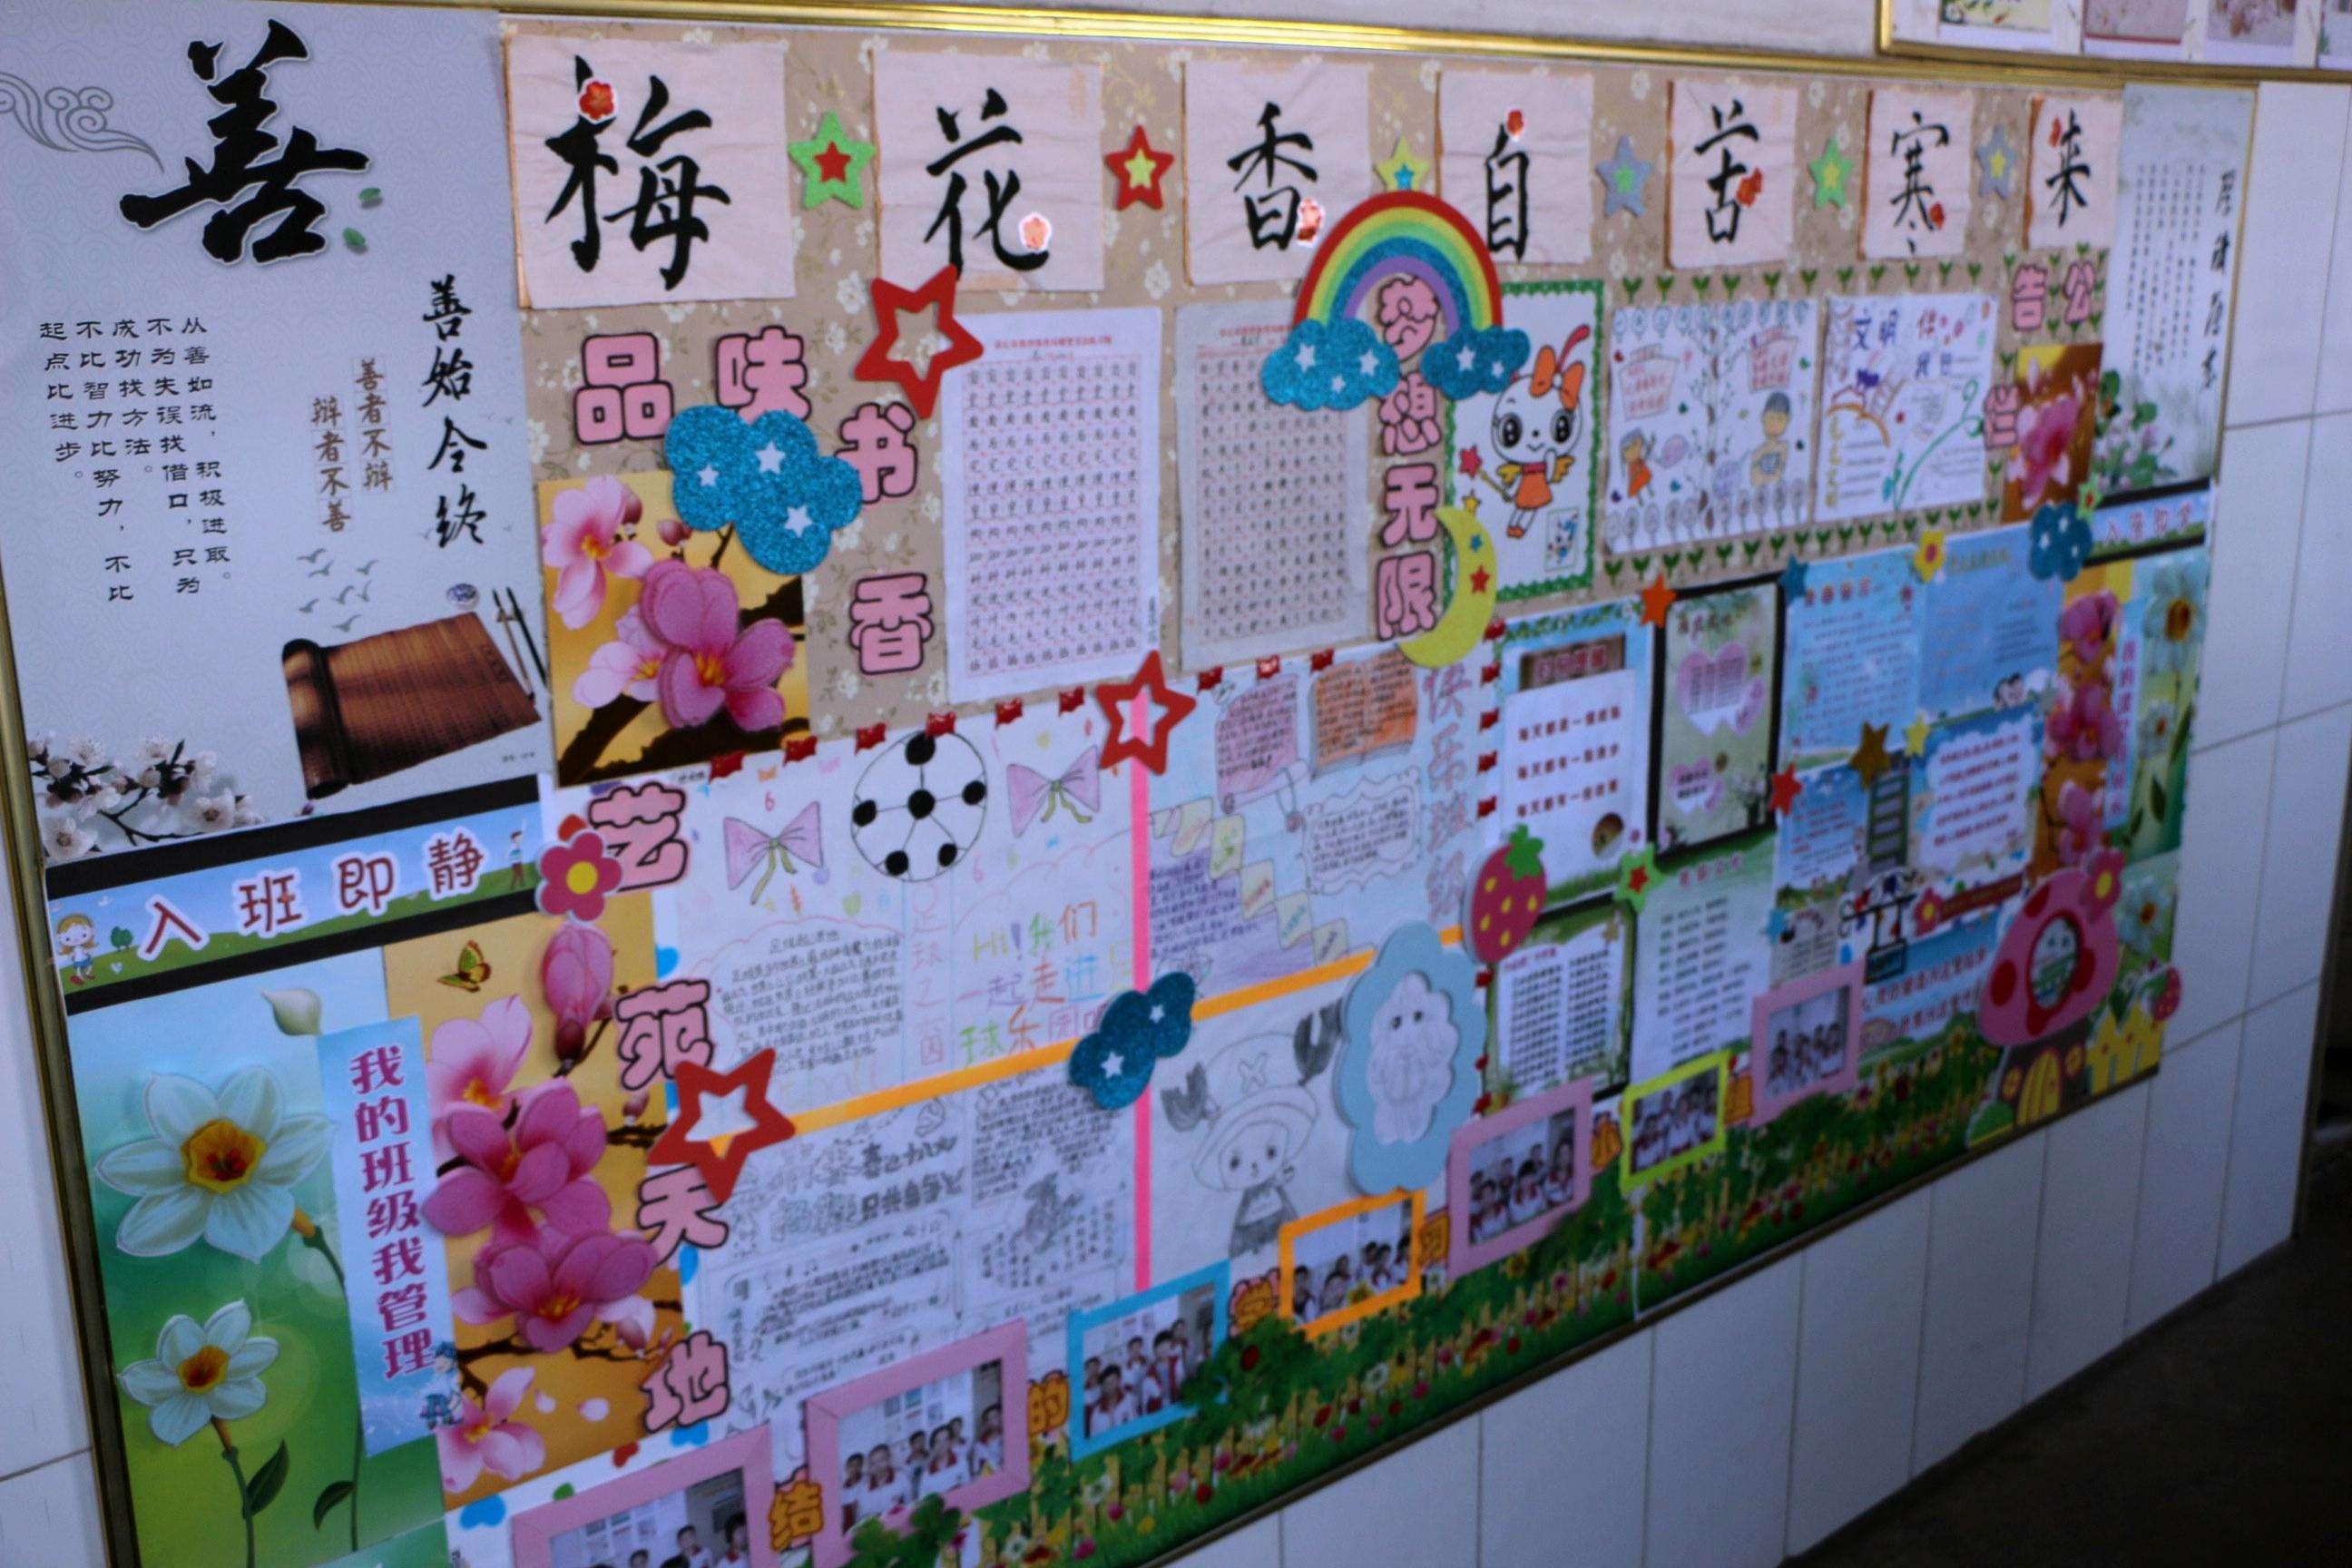 学习要与兴趣相结合,为了学生们可以更加有趣的学习,很多学校开展了制作班级文化墙的活动,班级文化墙创意设计的主题多样化,内容也大不相同,下面有途网小编跟大家分享了高中班级文化墙创意设计图片,班级文化墙怎么设计,希望对你有帮助。